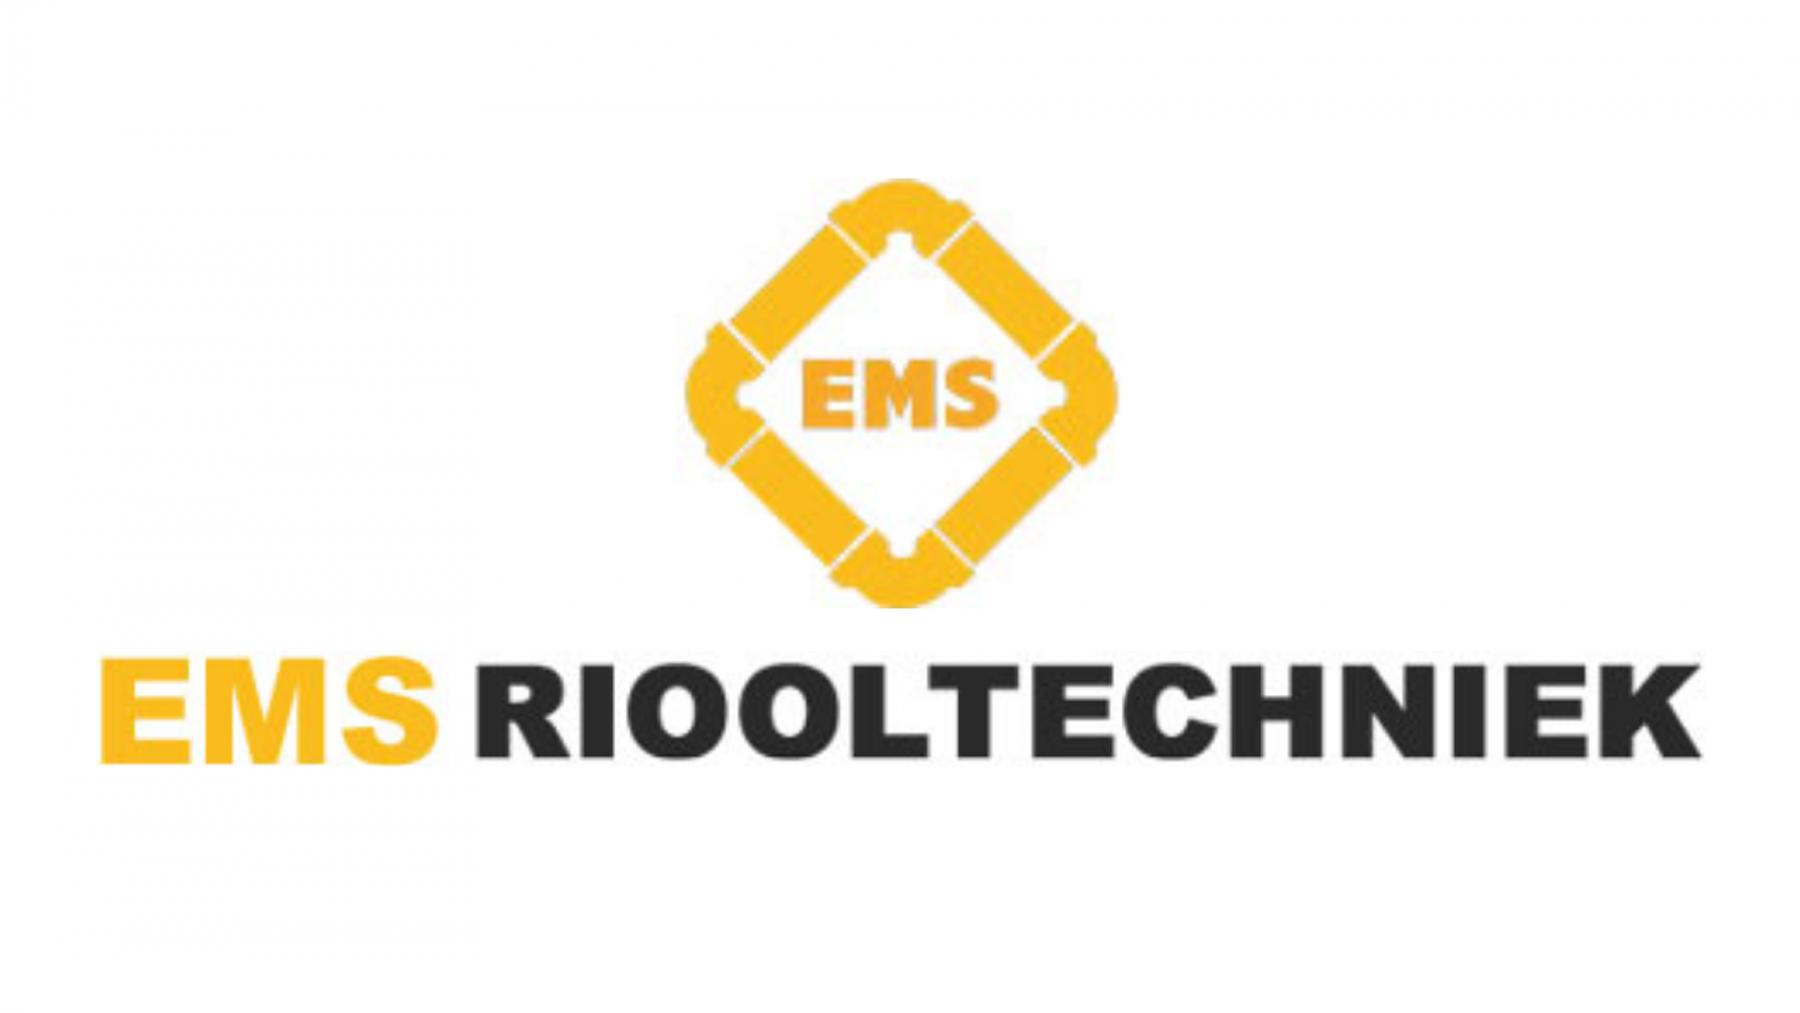 EMS-Riooltechniek.fw_